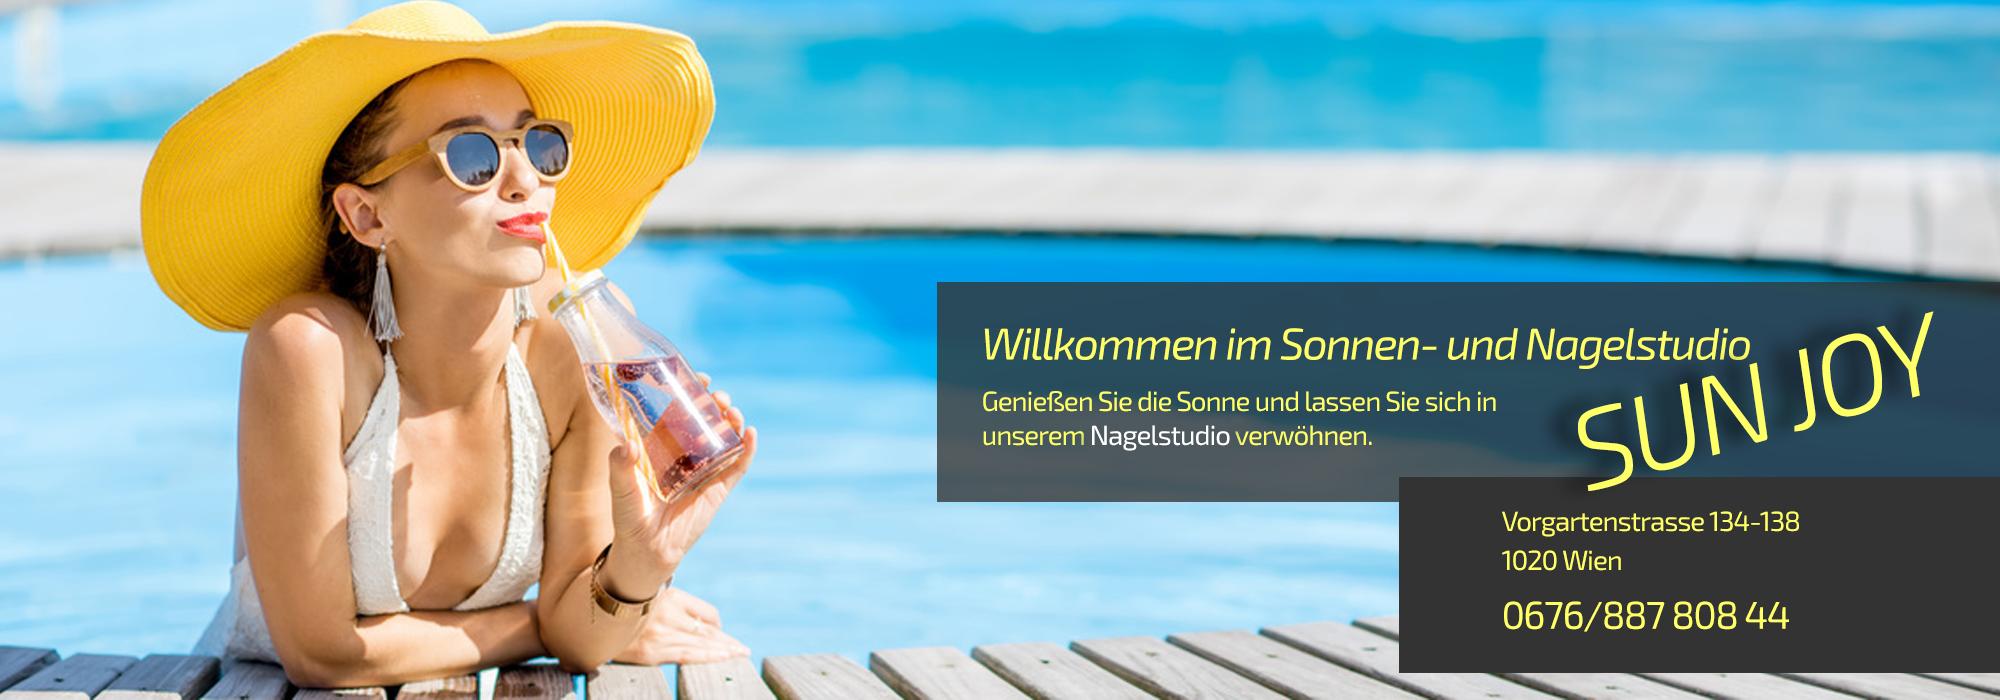 Startseite_Willkommen_Neu_Nagelstudio